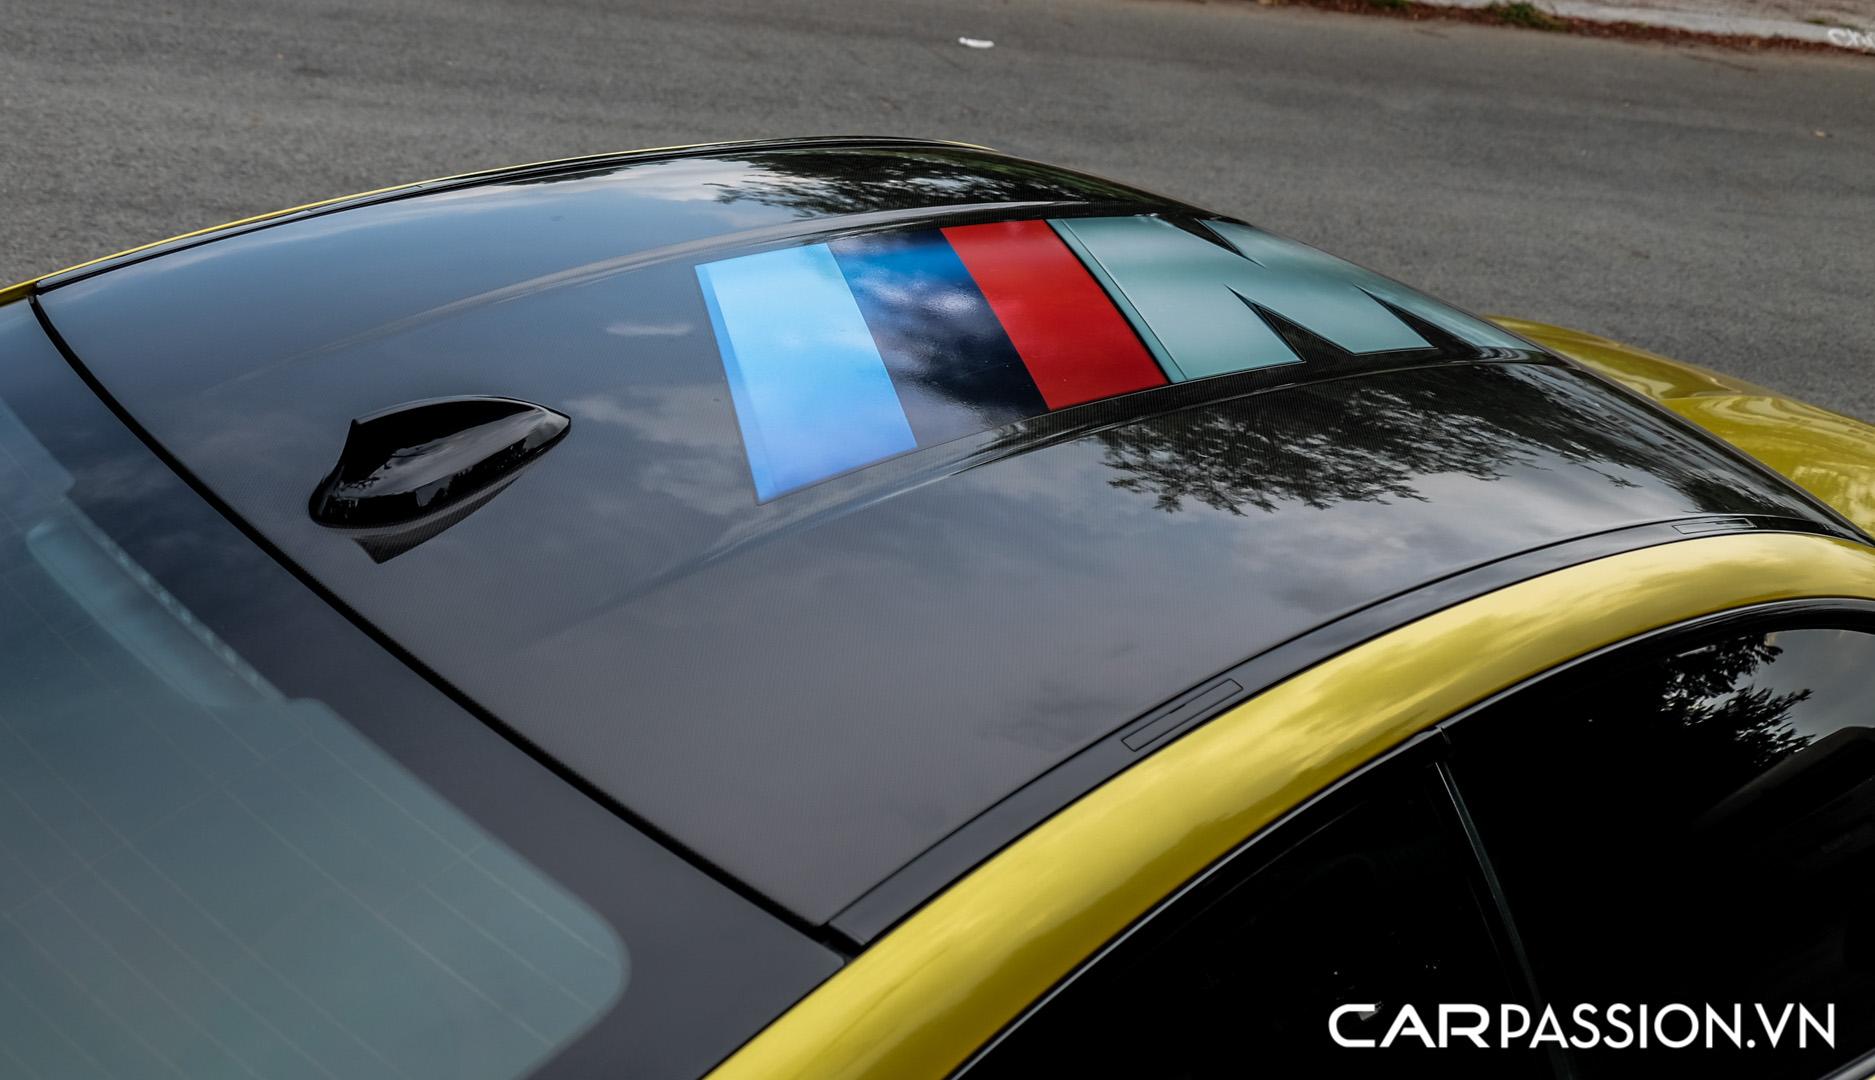 CP-BMW M4 F8 được rao bán (32).jpg